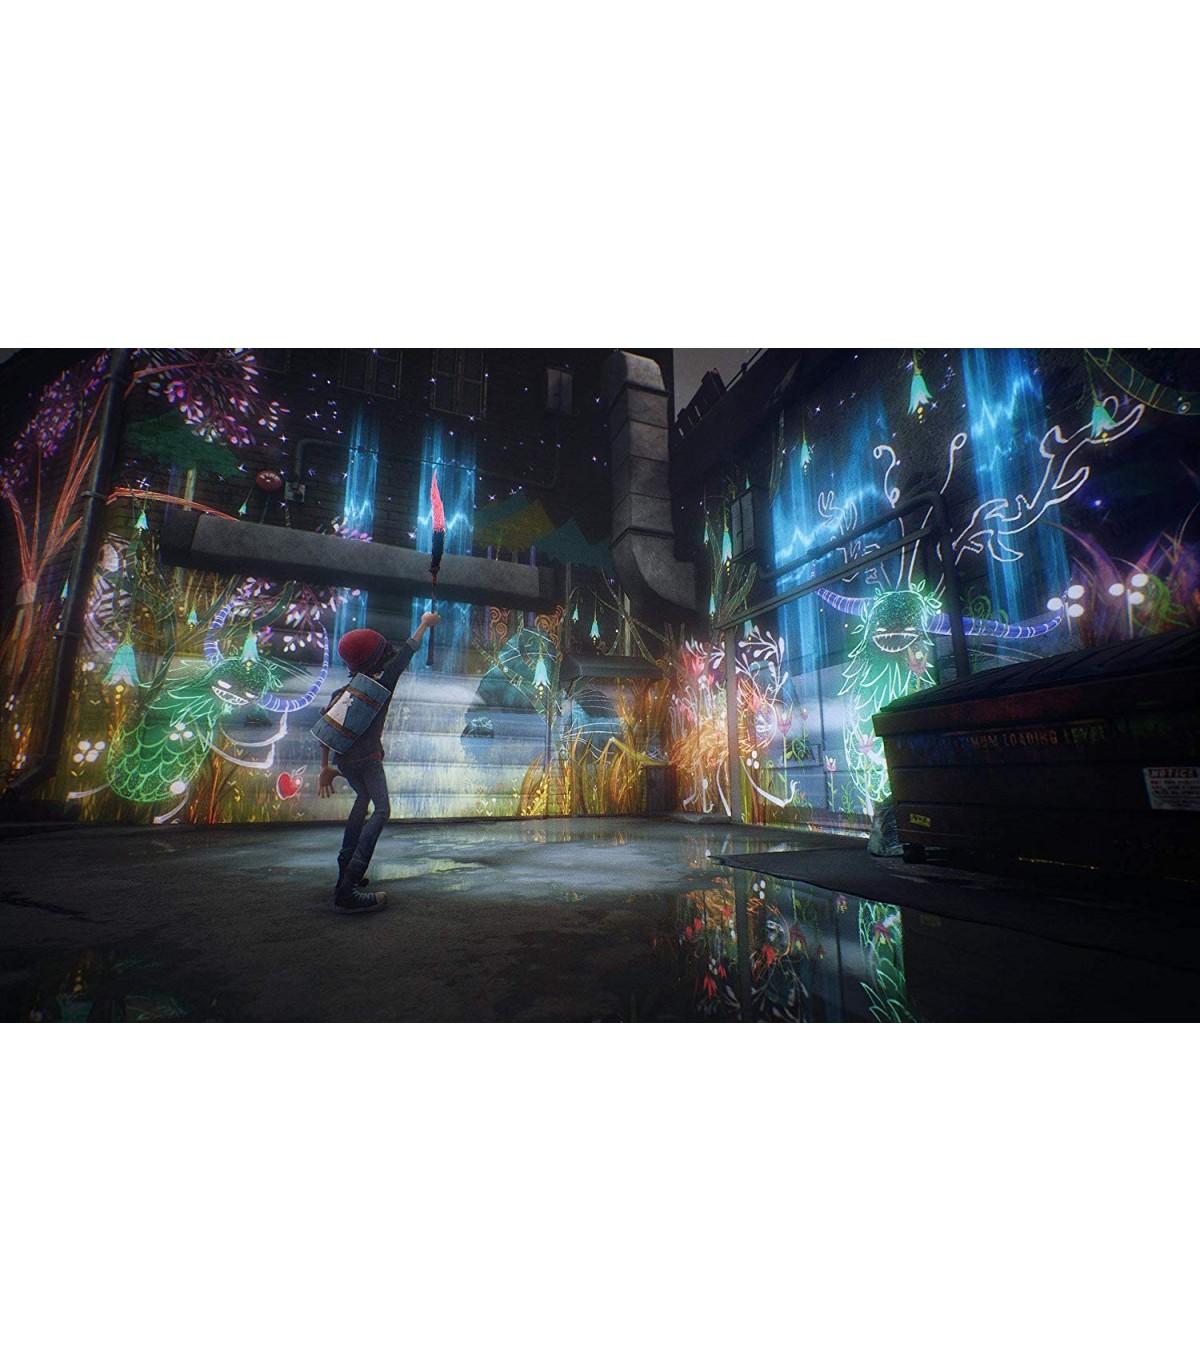 بازی Concrete Genie کارکرده - پلی استیشن 4